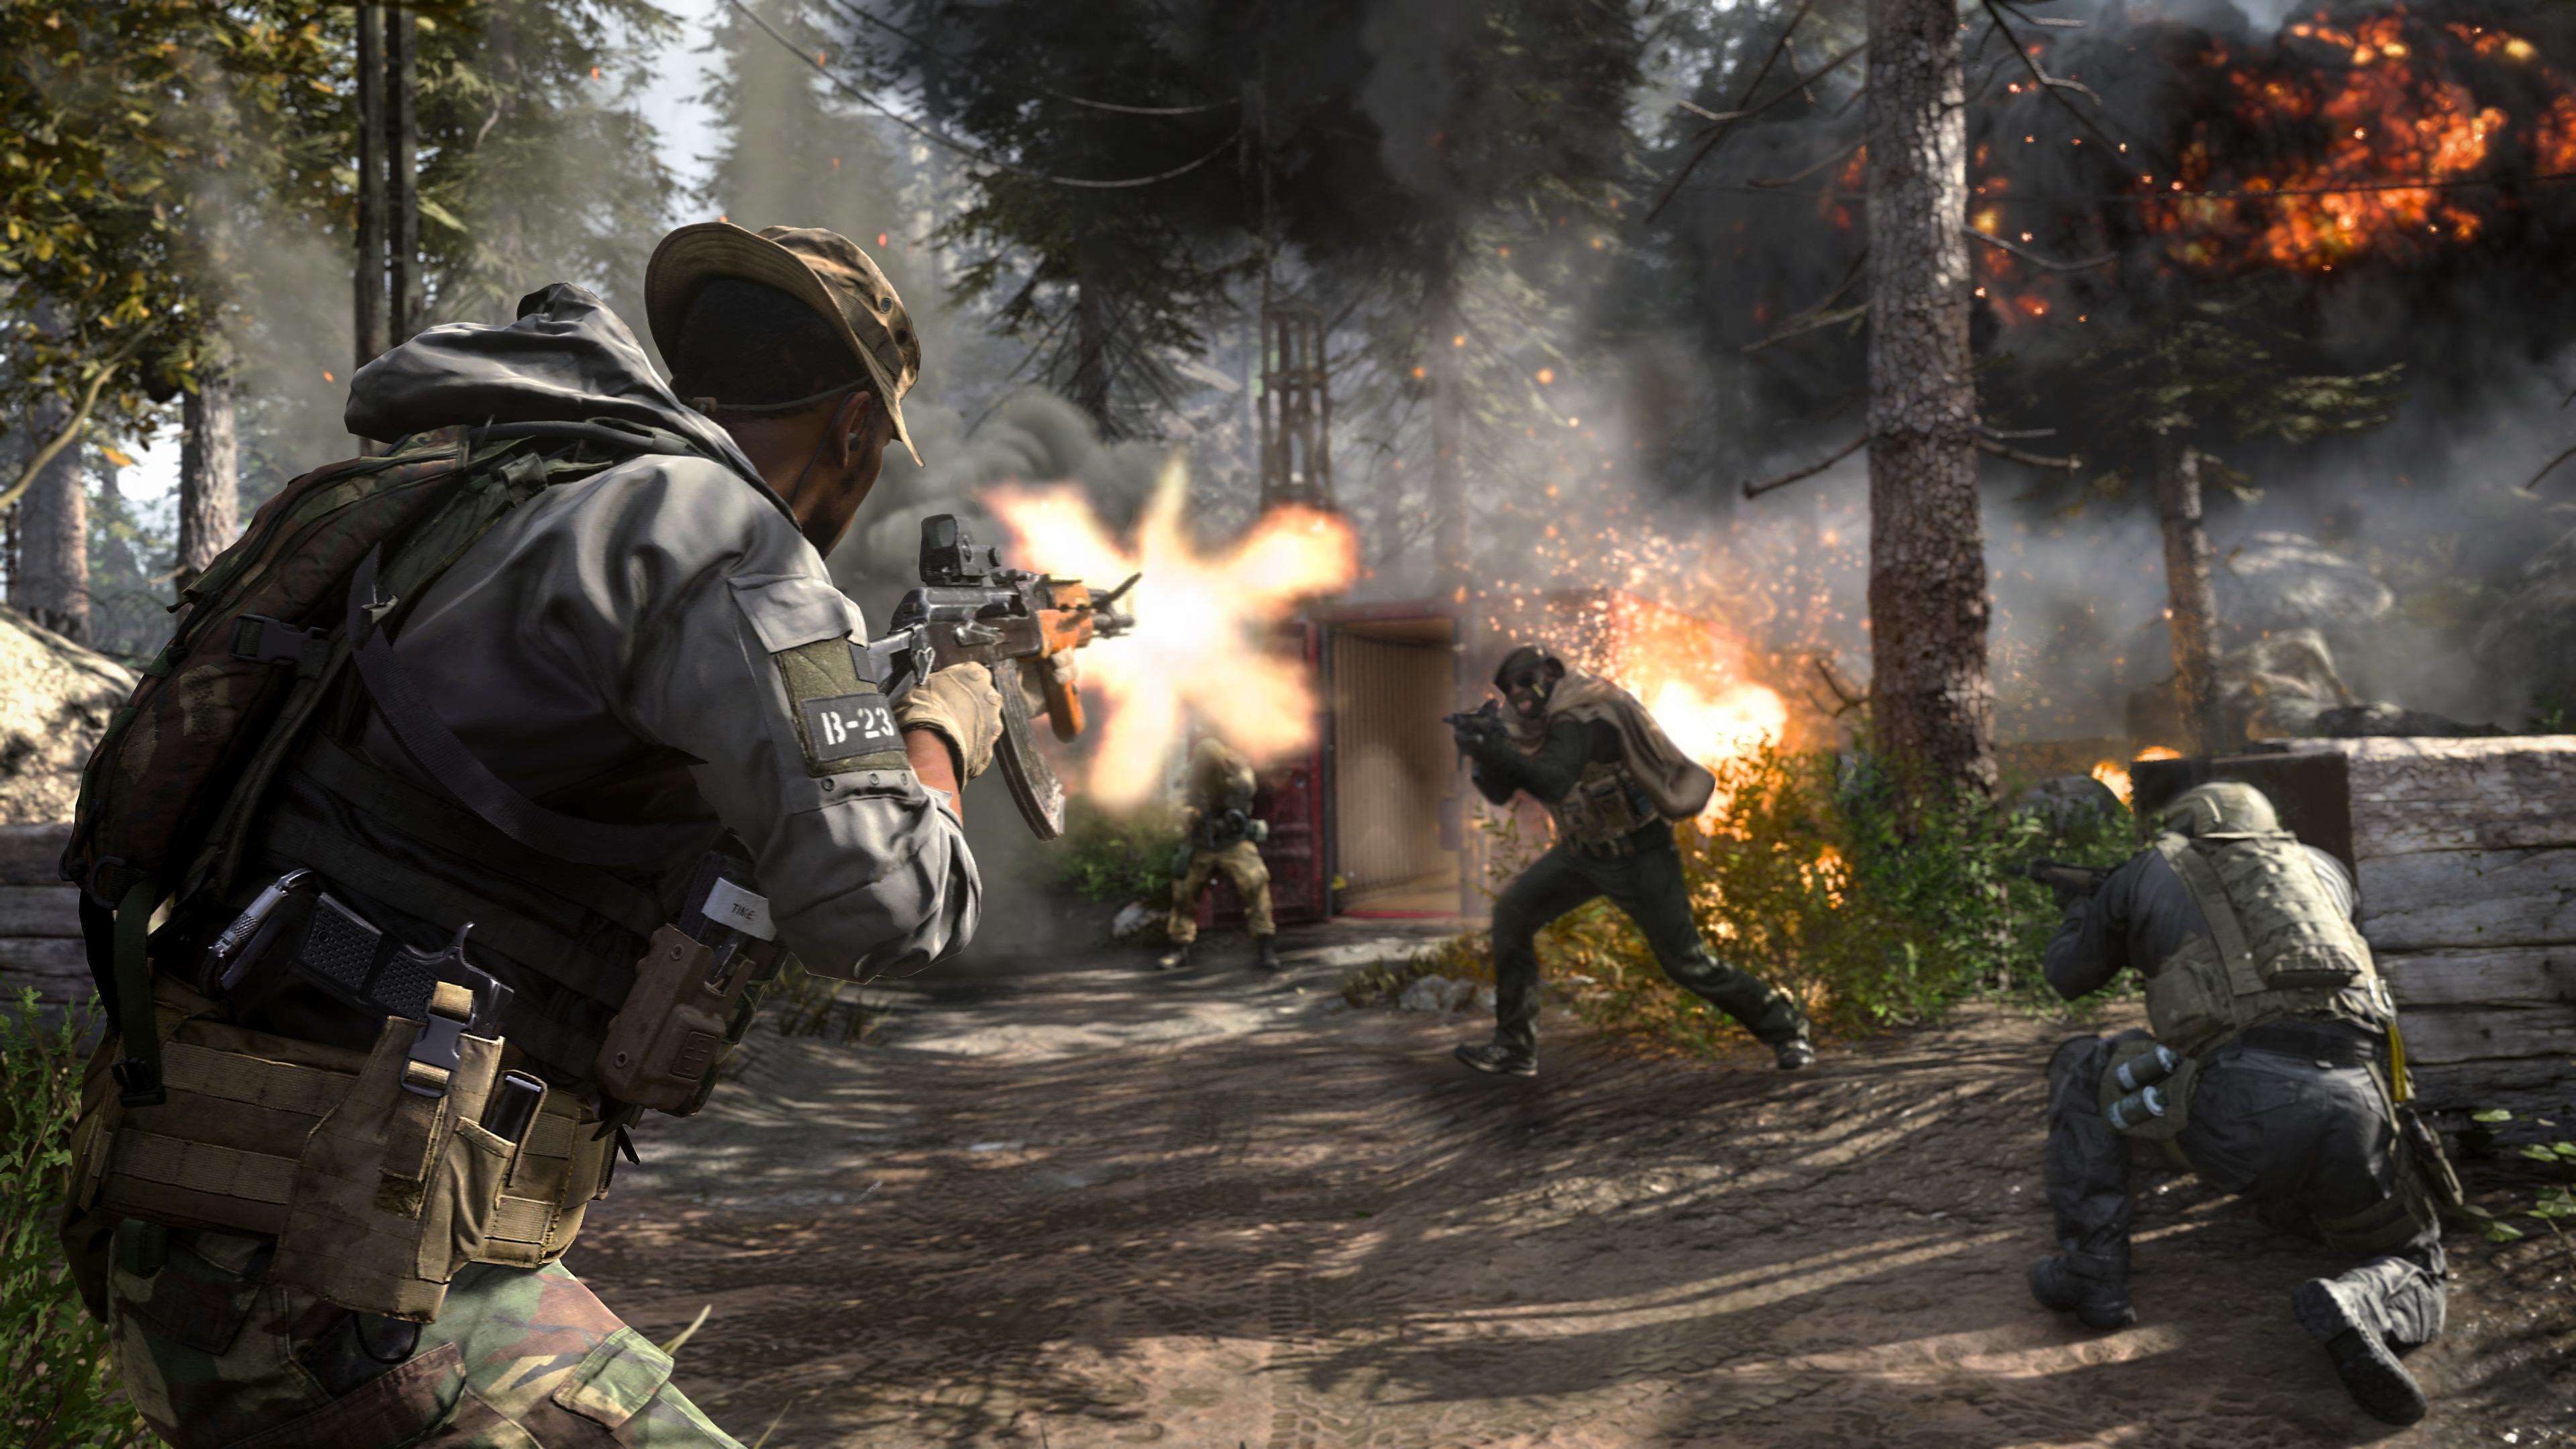 2560x1600 Cod Modern Warfare 2560x1600 Resolution Wallpaper Hd